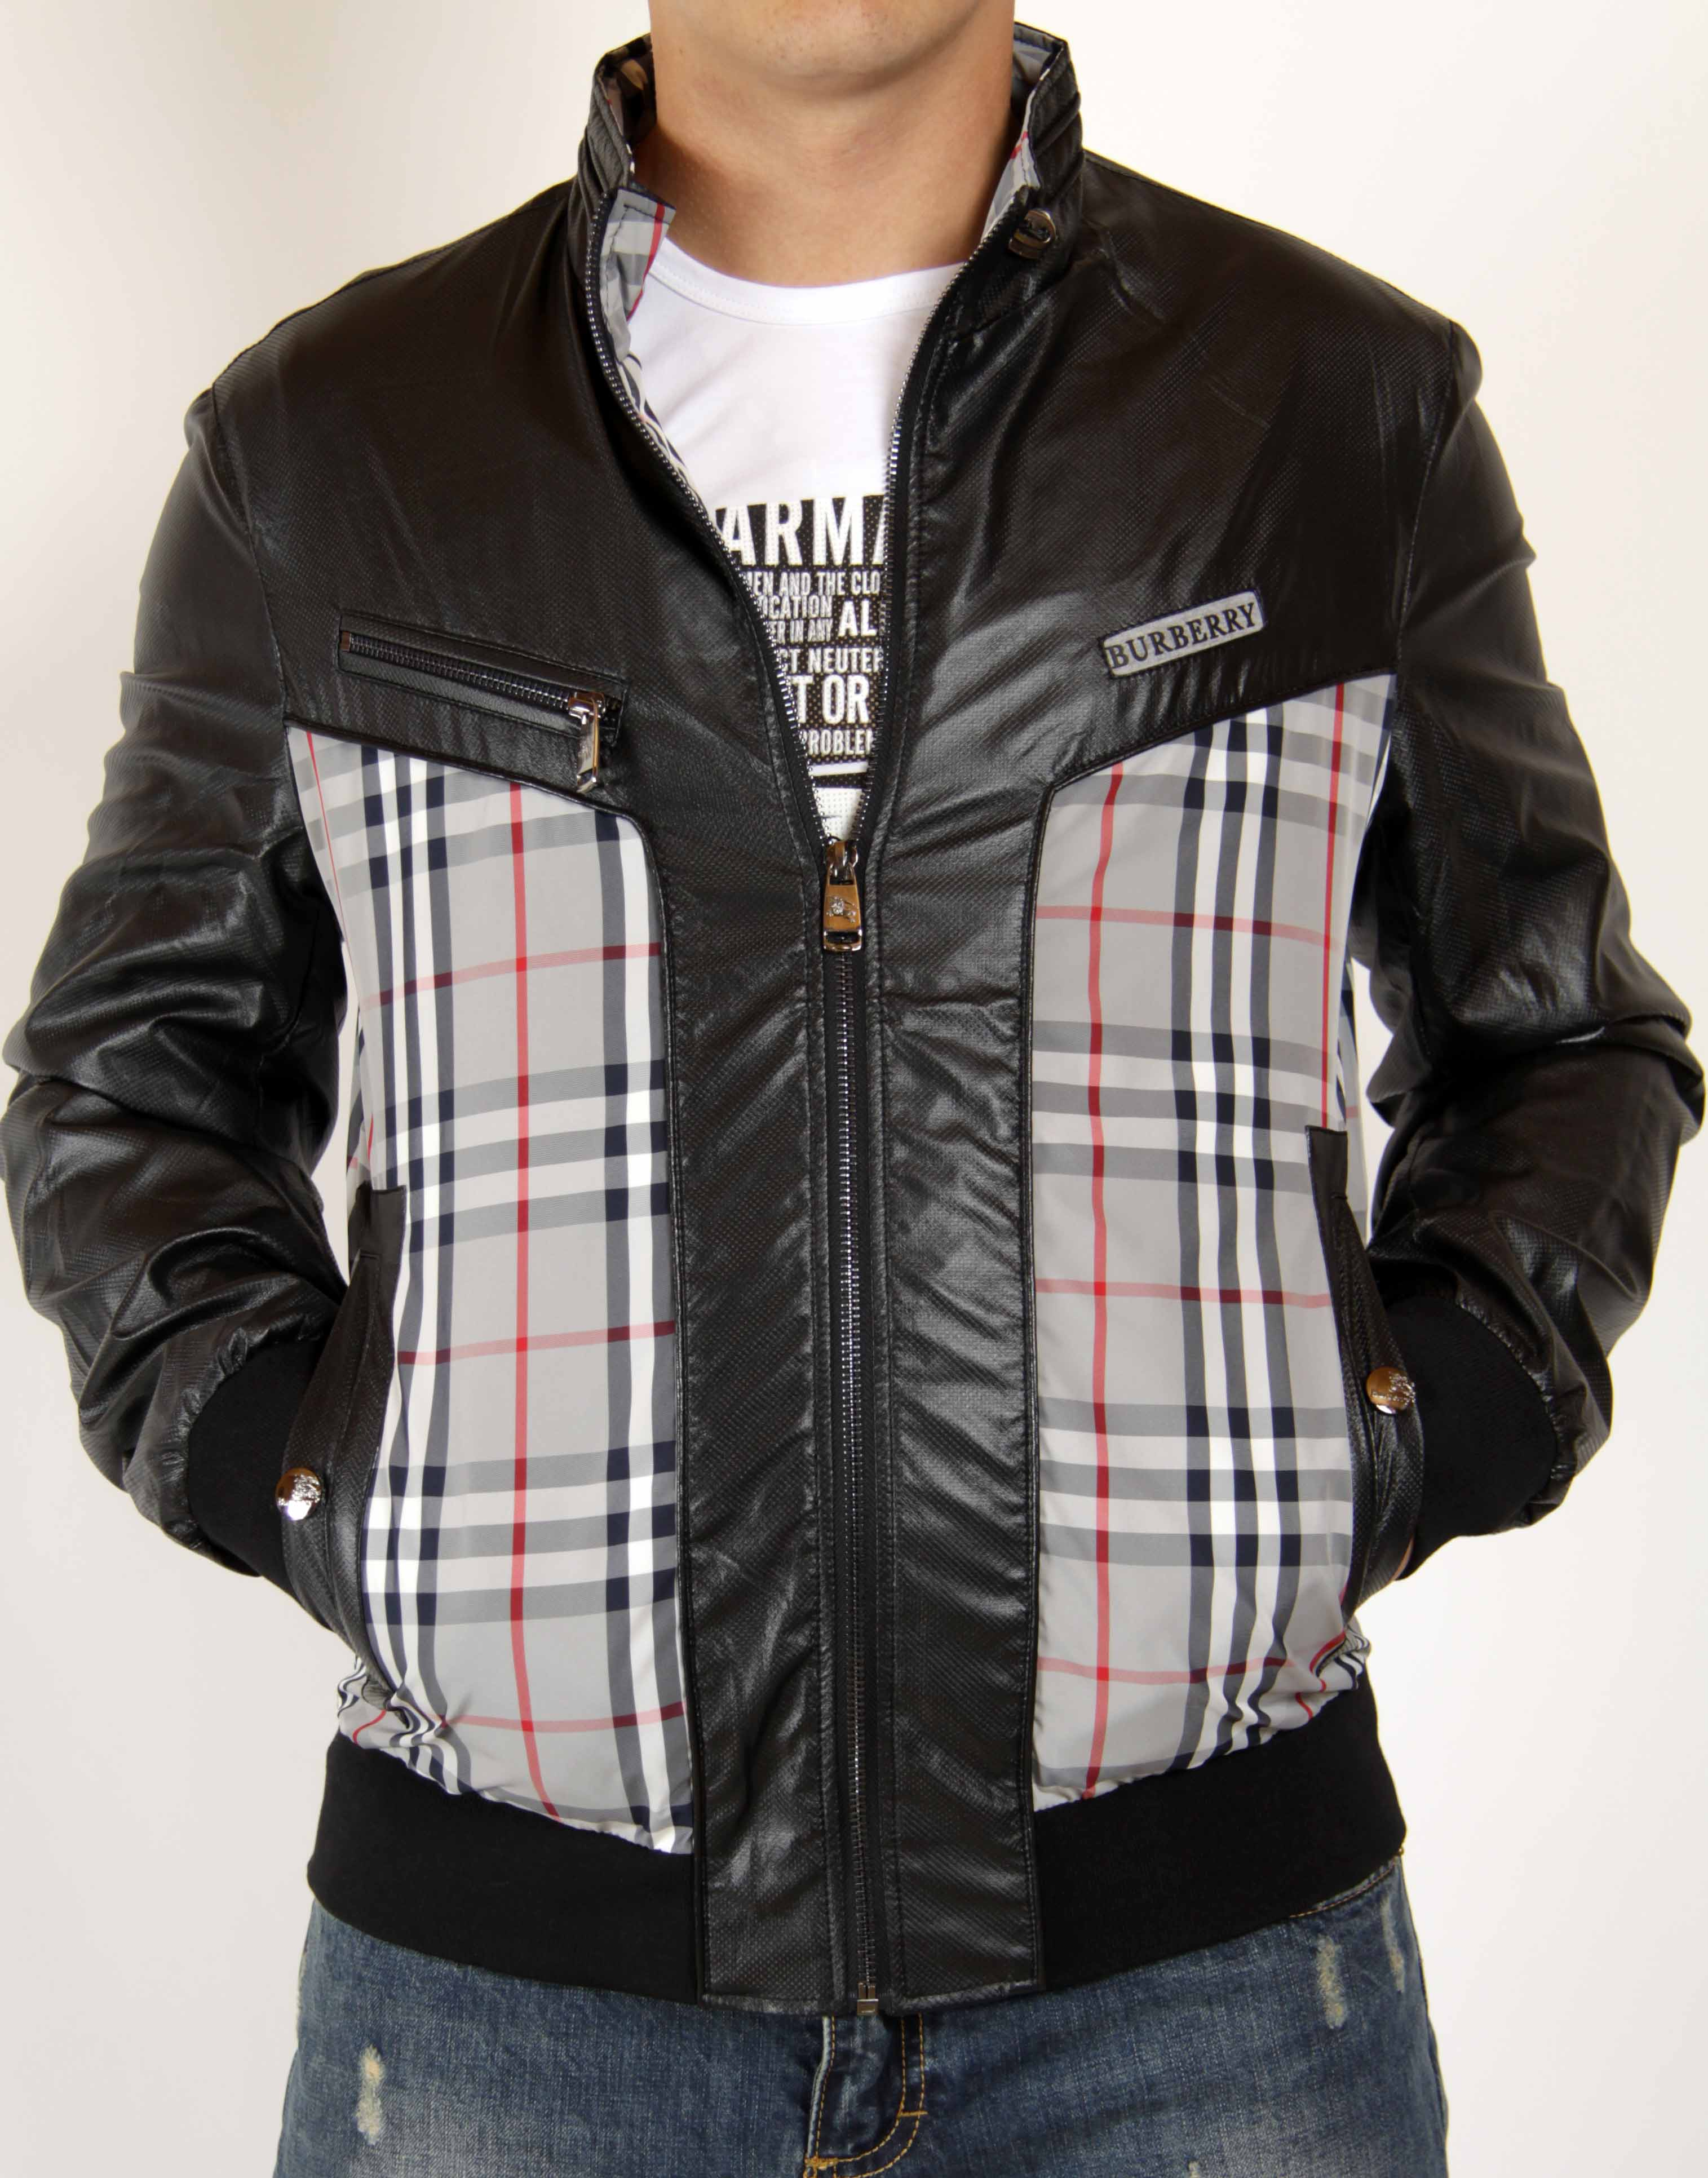 куртка мужская Burberry светлая - Интернет магазин одежды в Москве ... 49df606f283